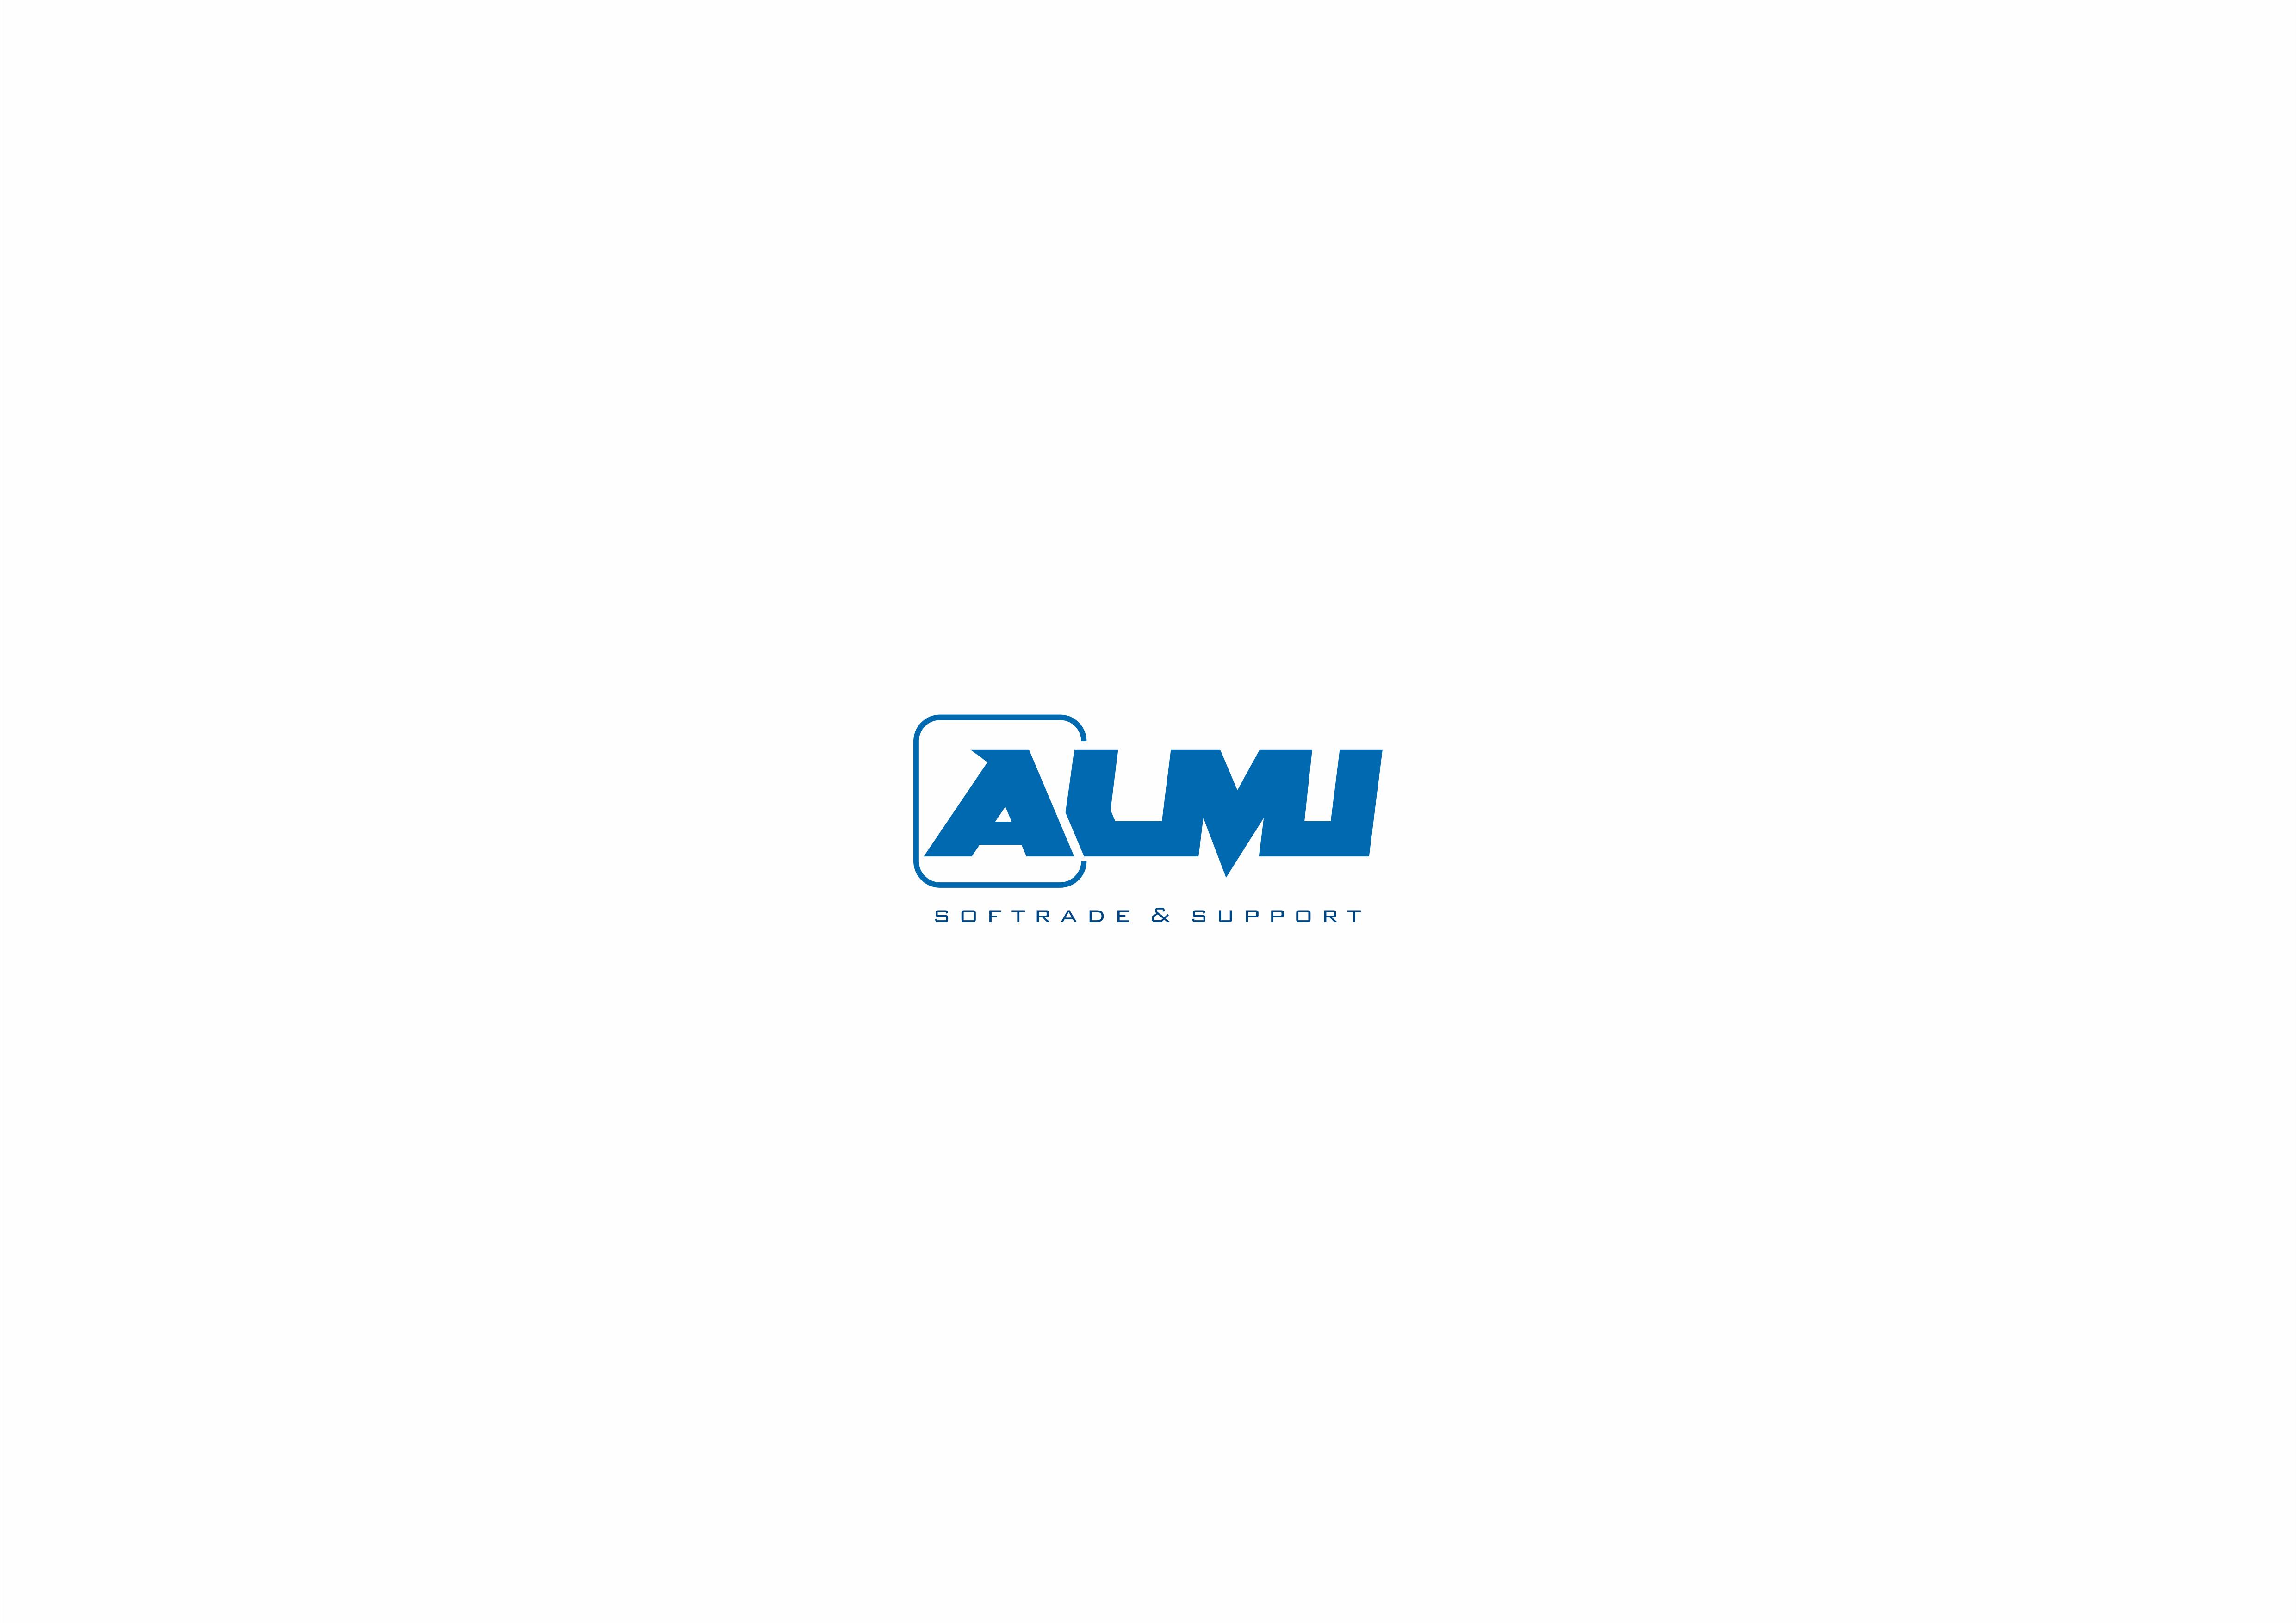 Разработка логотипа и фона фото f_610598ddf954d7e8.png